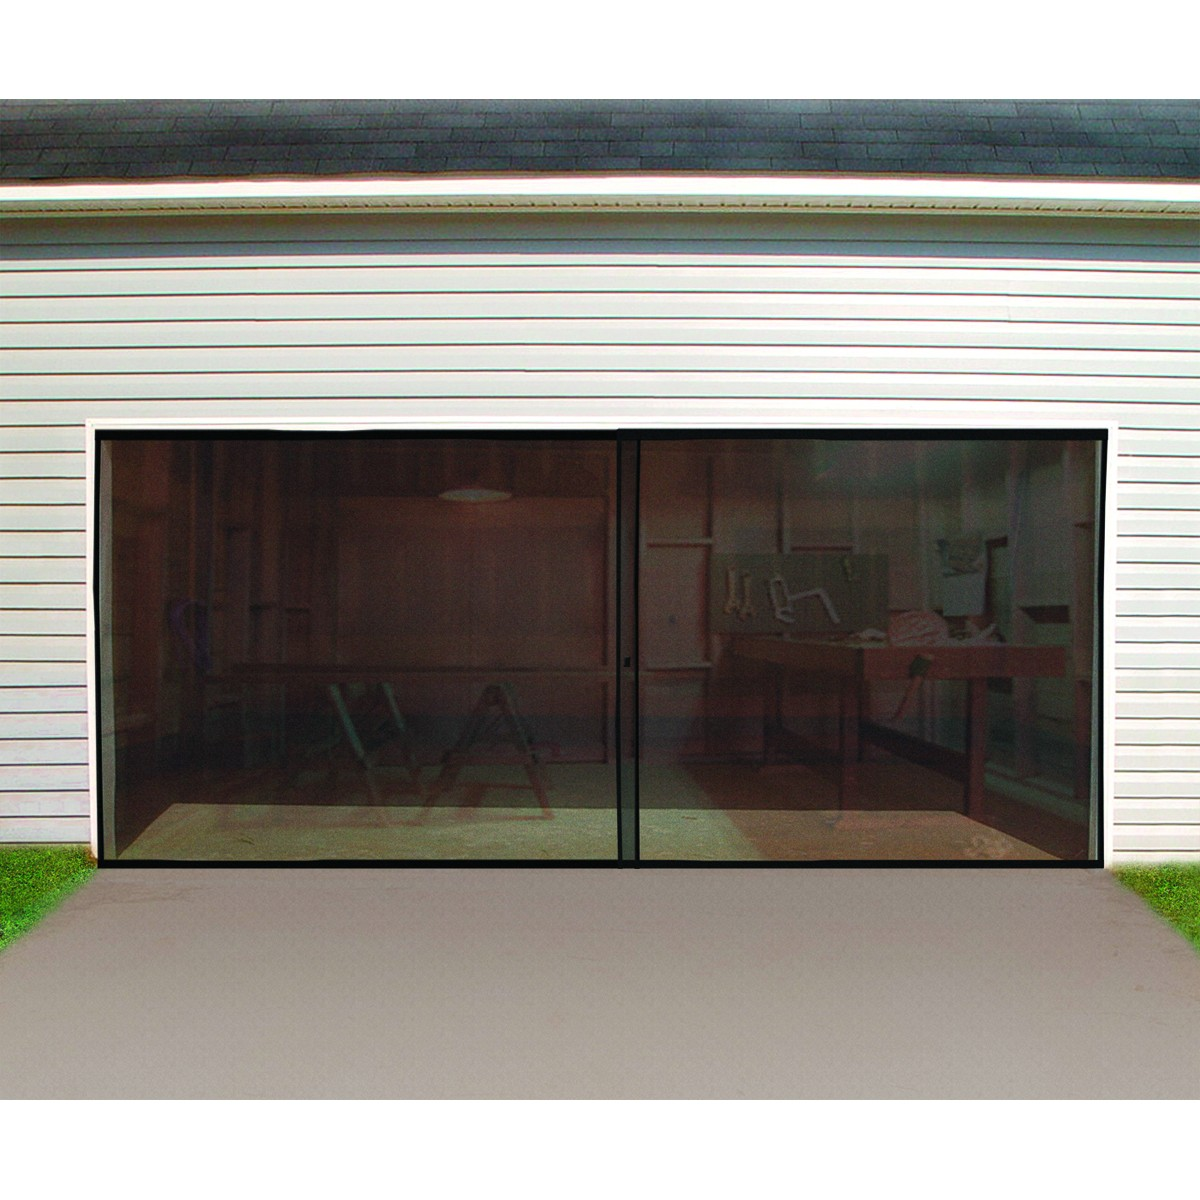 screen for garage door photo - 1